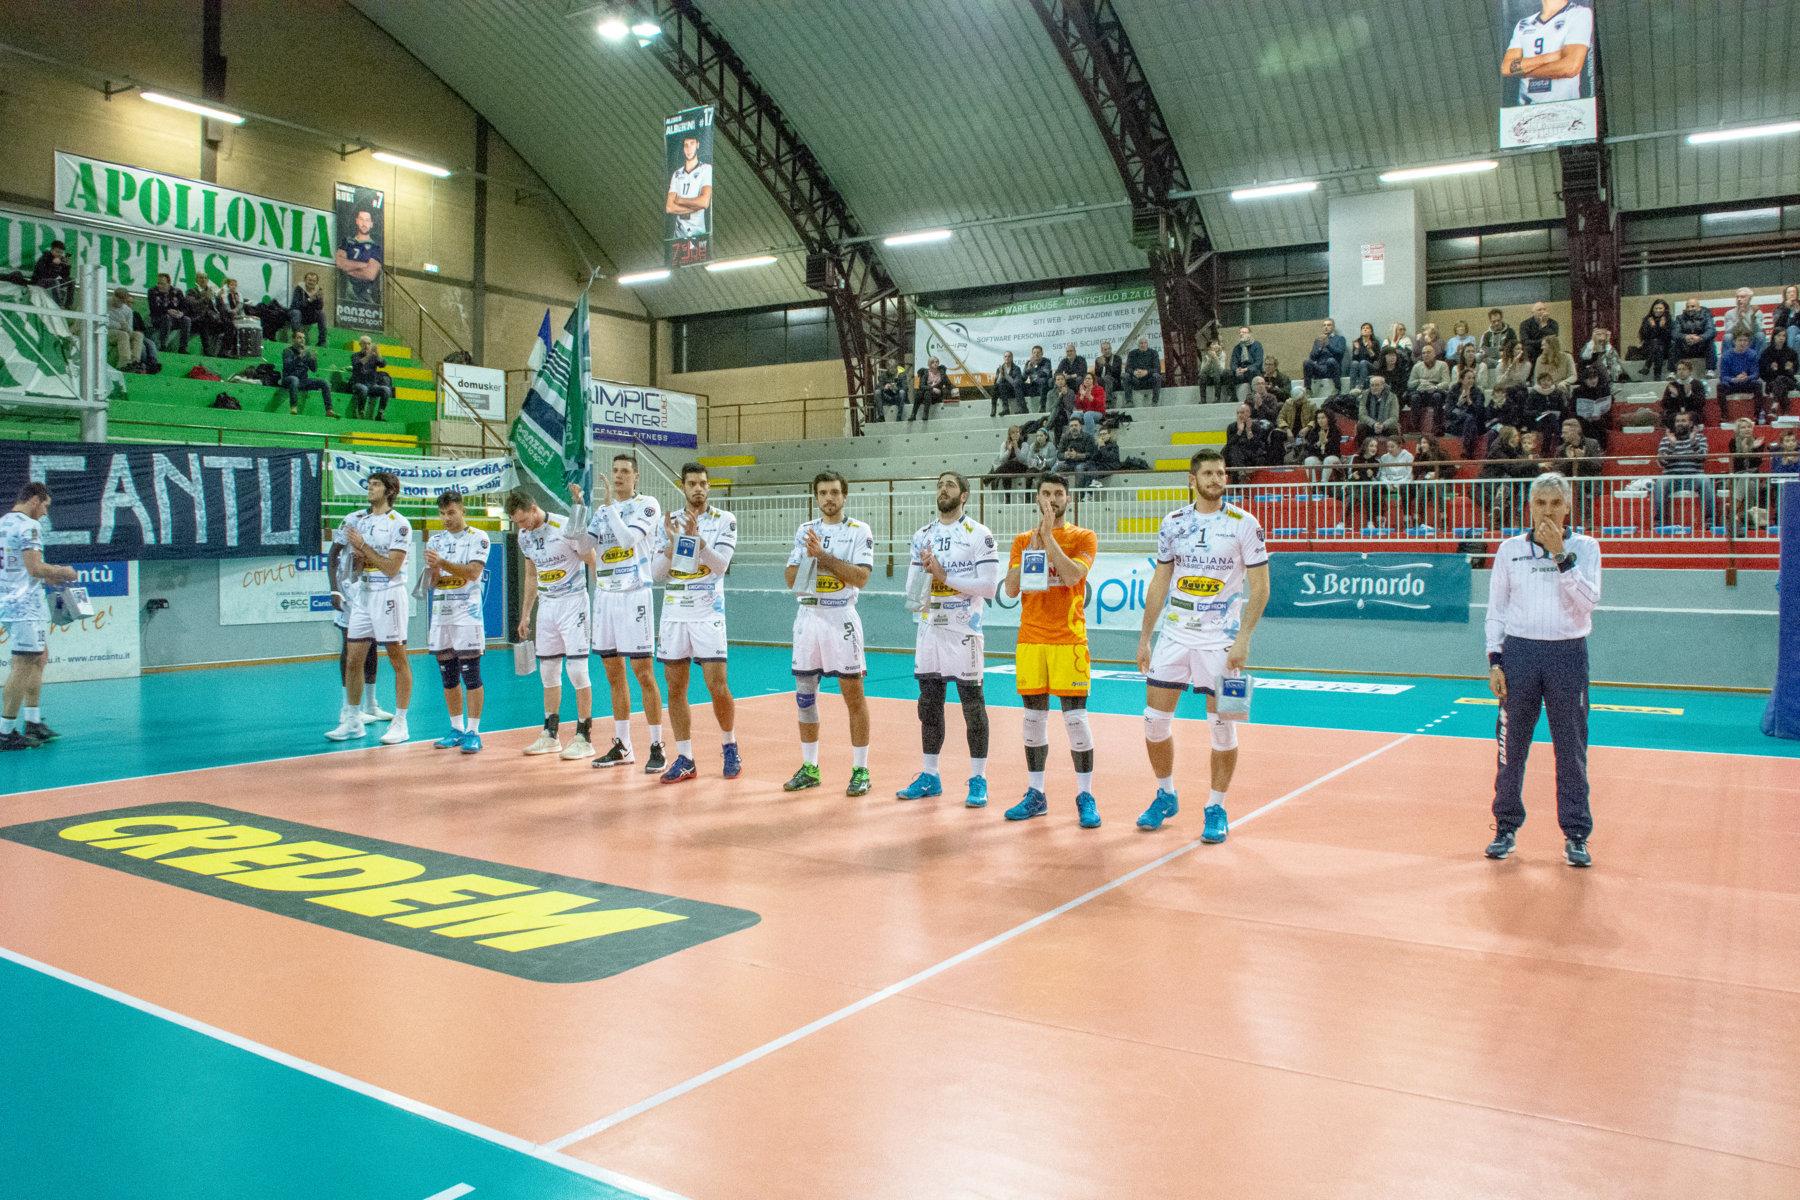 Tuscania le prova tutte, ma il match va a Cantù